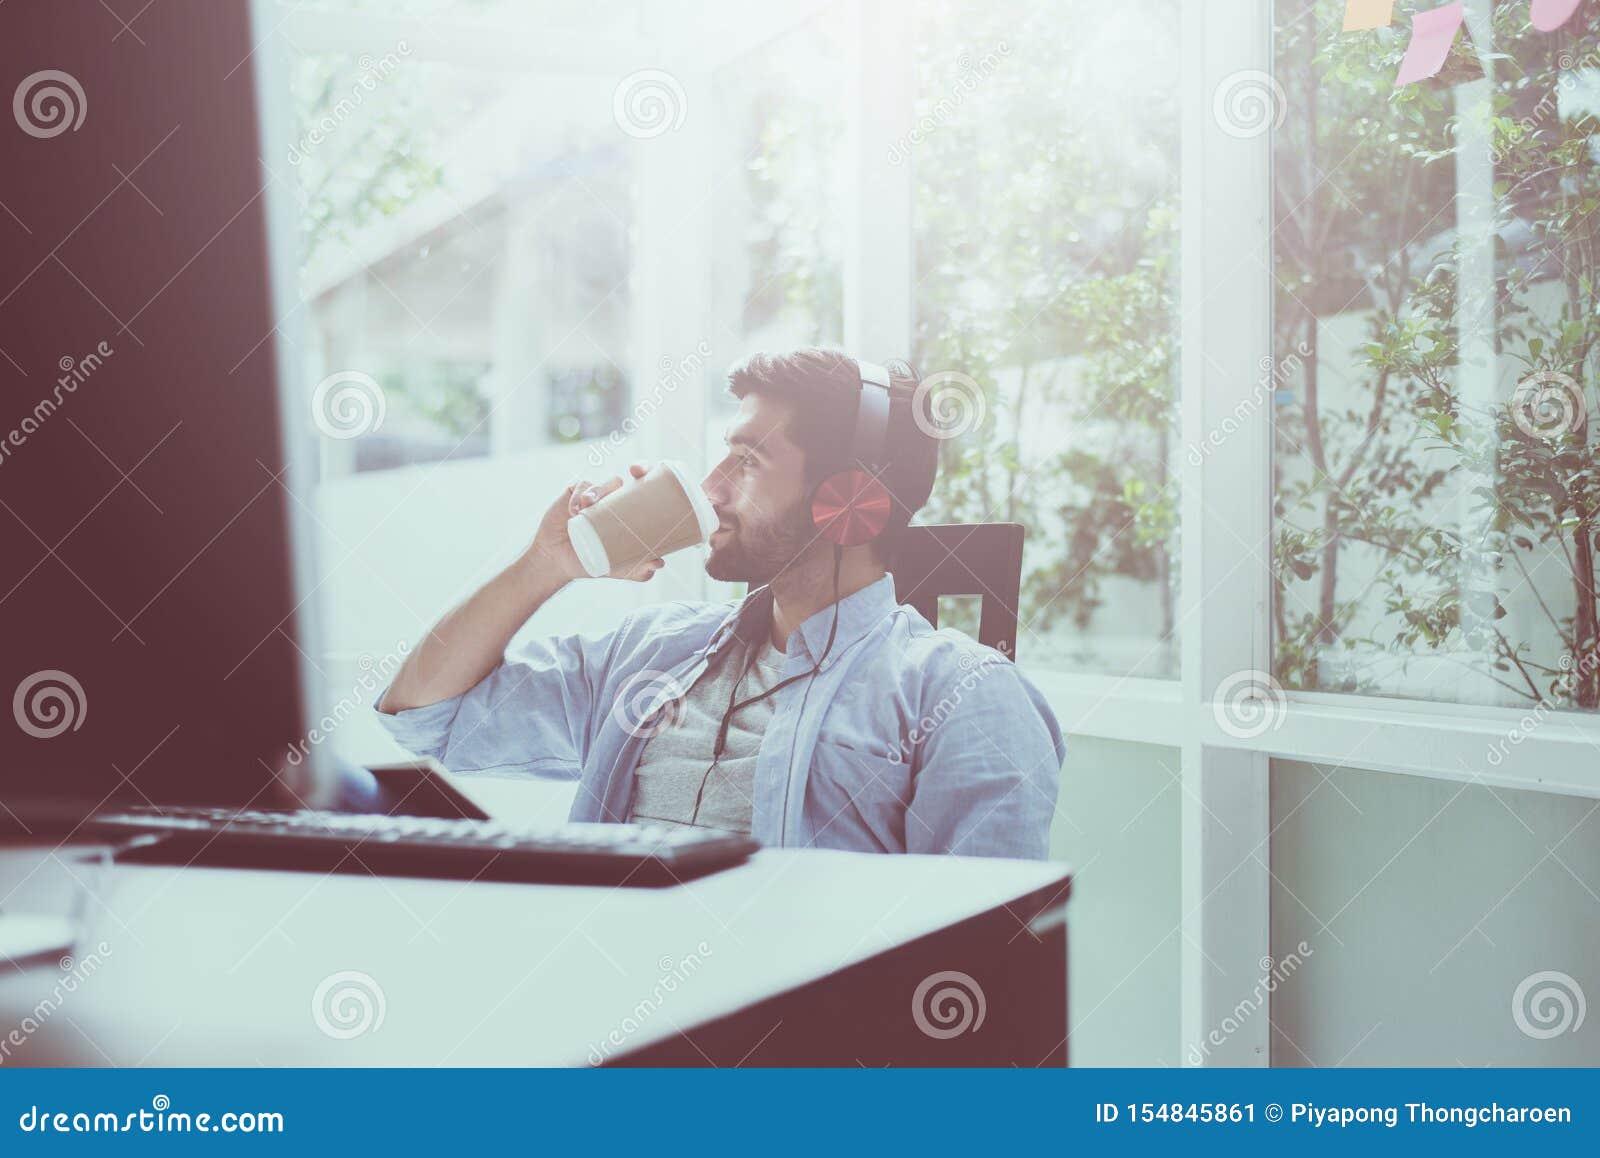 El retrato del hombre hermoso con café de consumición de la barba y el escuchar la música en línea en el hogar moderno, feliz y l